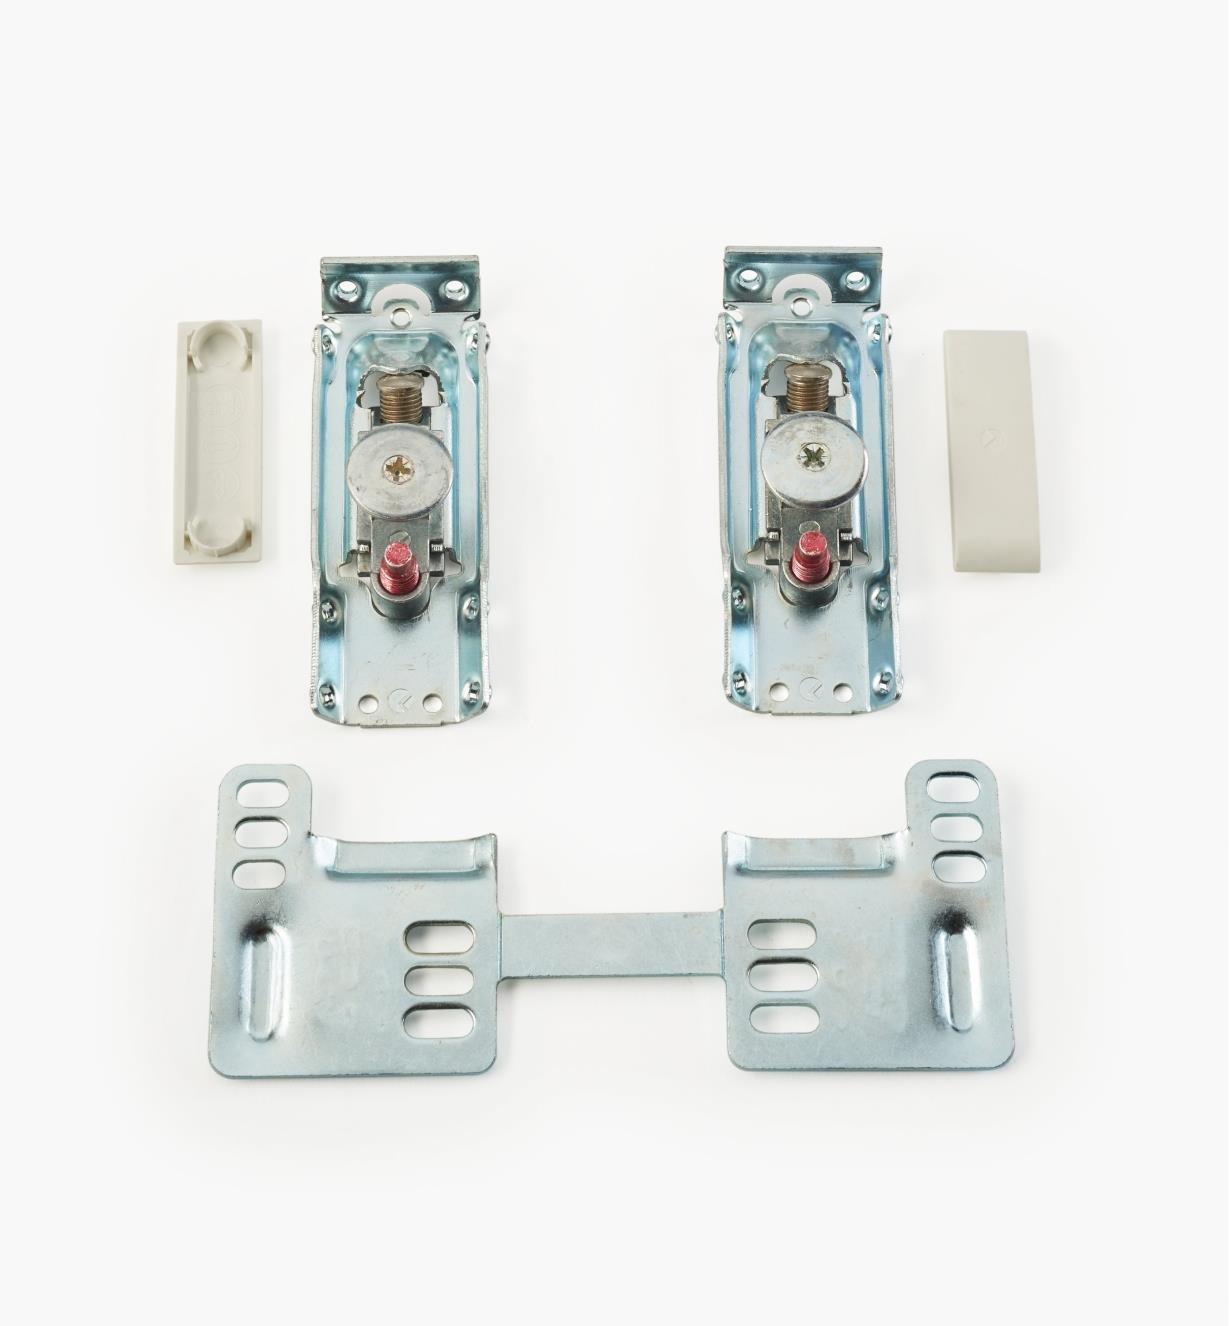 01S1945 - Ancrages muraux réglables, la paire